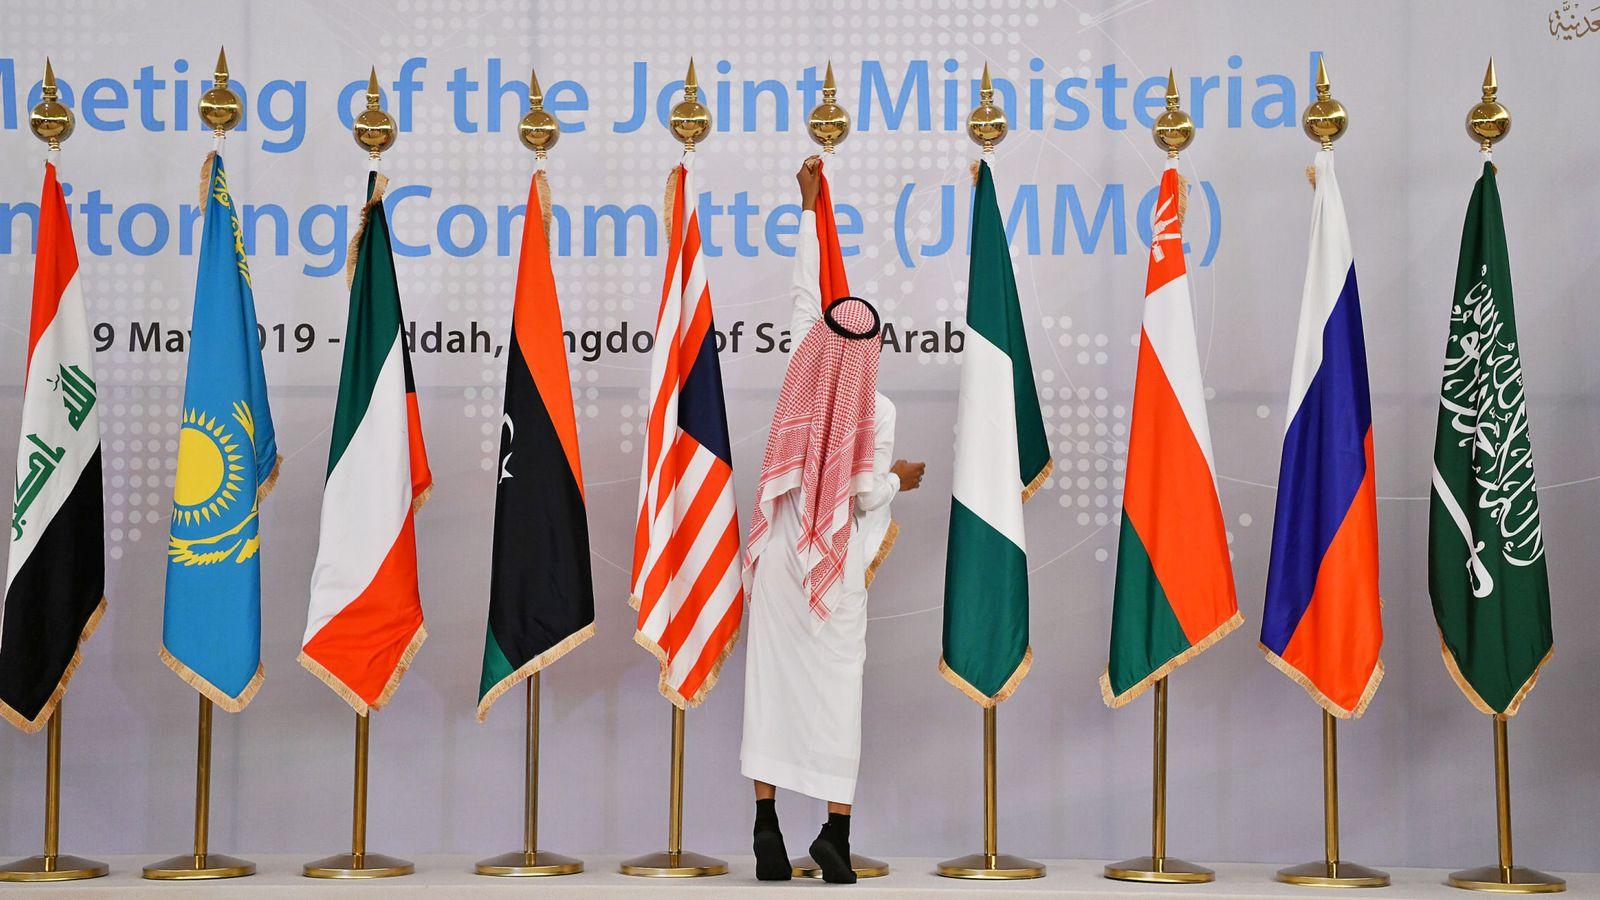 Foto: Sede de la Organización de Países Exportadores de Petróleo (OPEP)